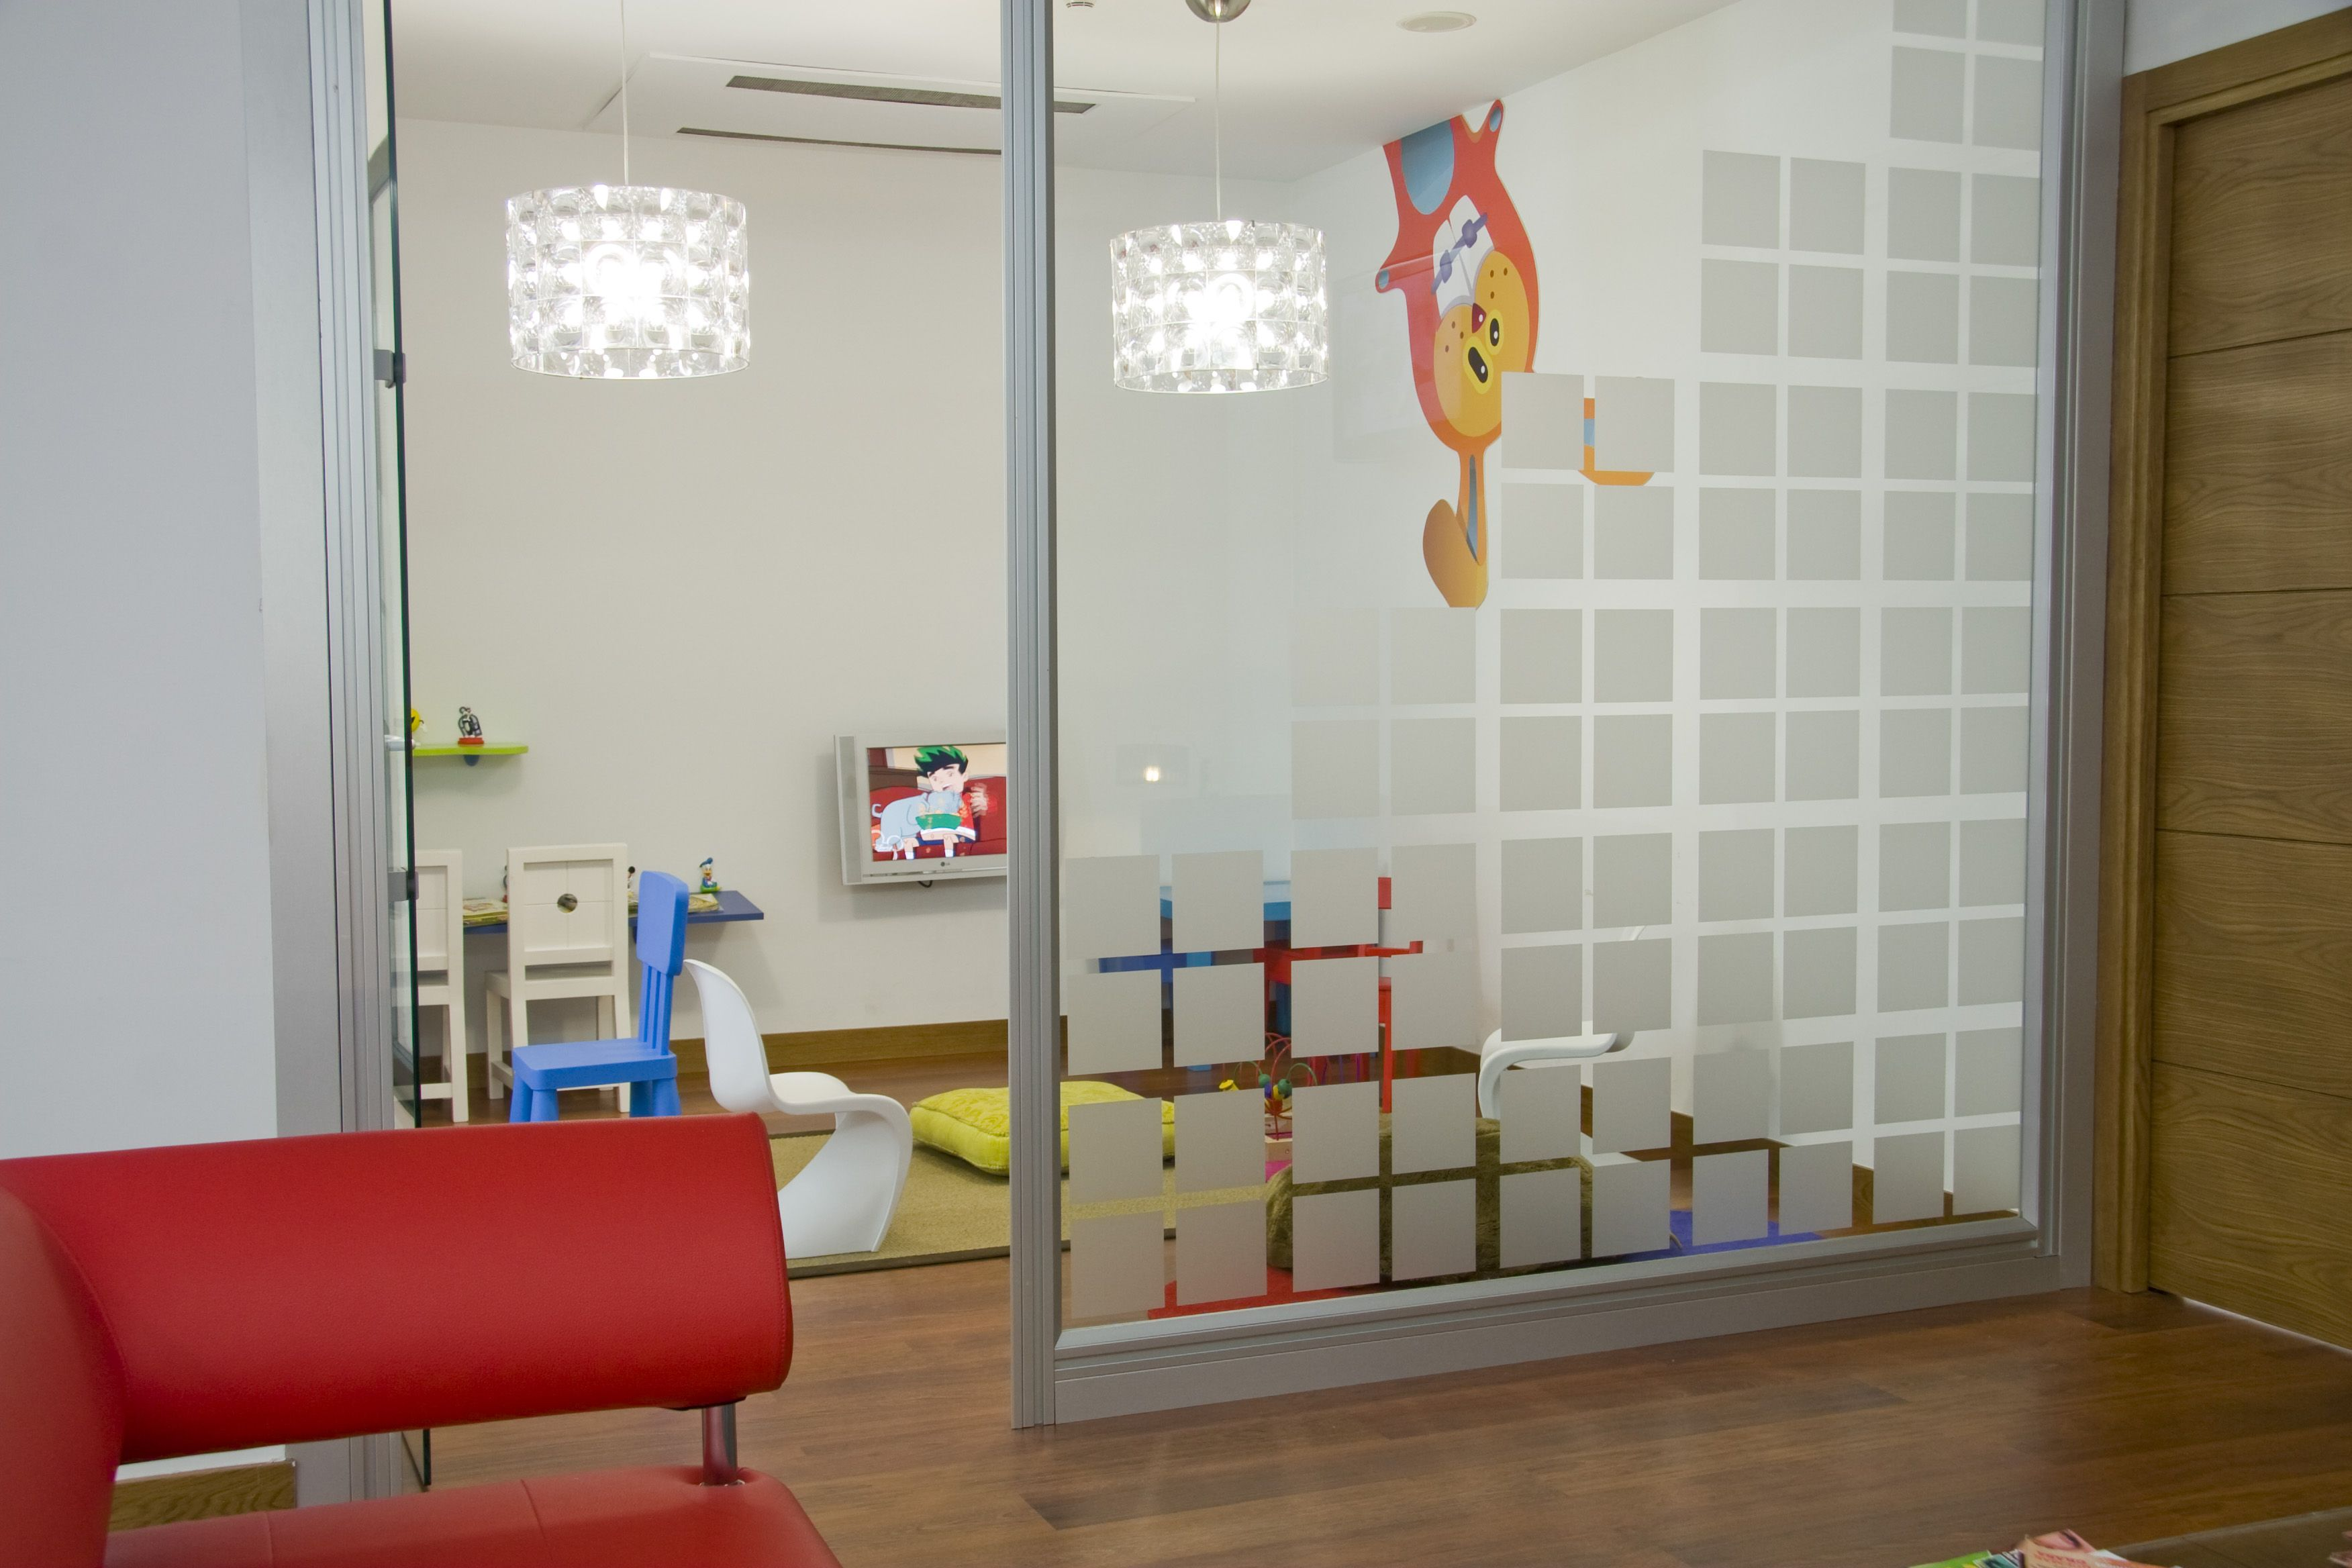 Im Genes Sillones Salas De Espera Muebles Y Sillas De Oficina  # Muebles Kinesiologia